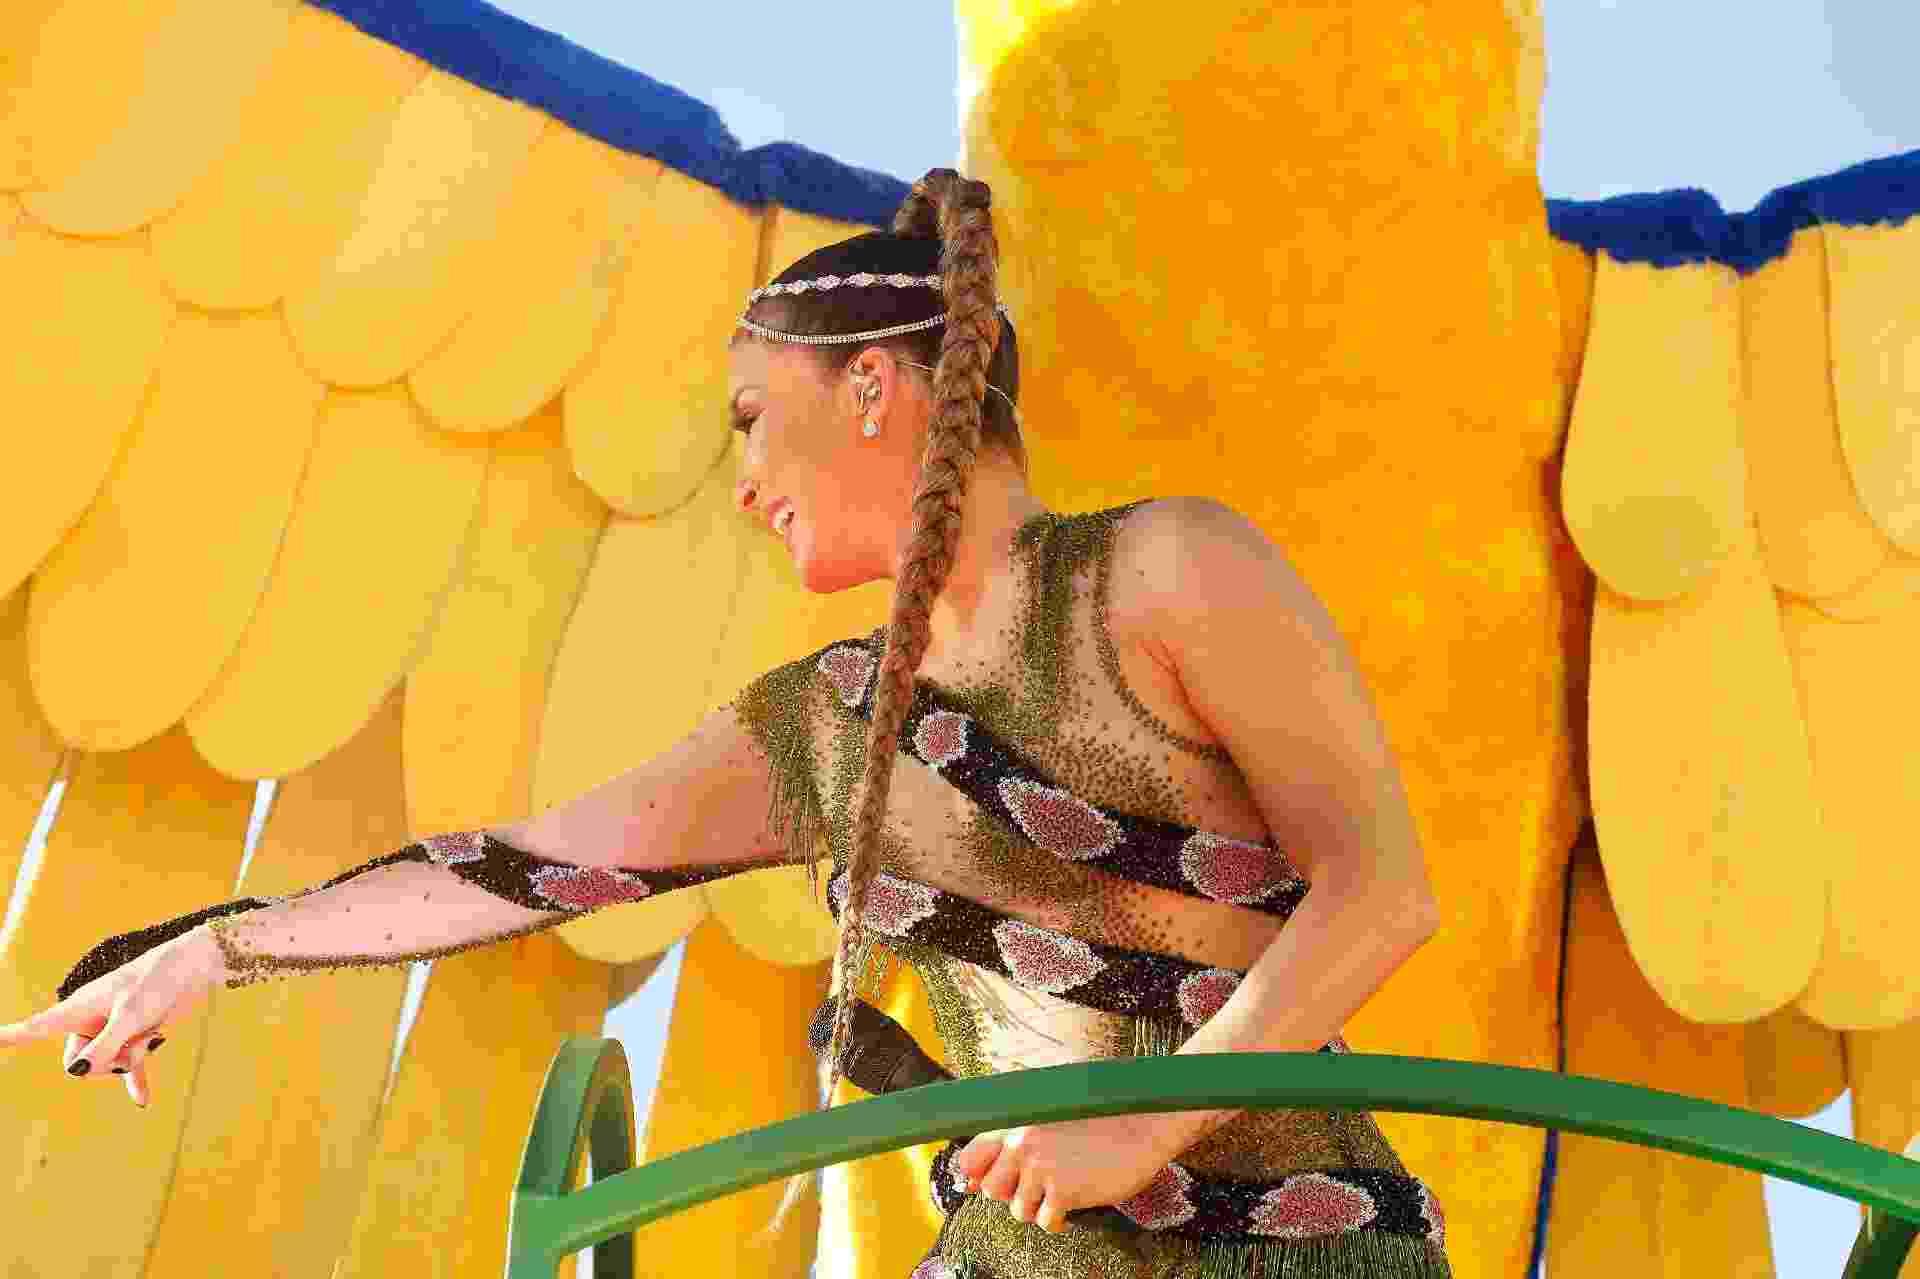 1ºmar.2019 - A cantora Claudia Leitte se fantasiou de cobra para se apresentar no bloco Blow Out - Alfredo Filho/Secom